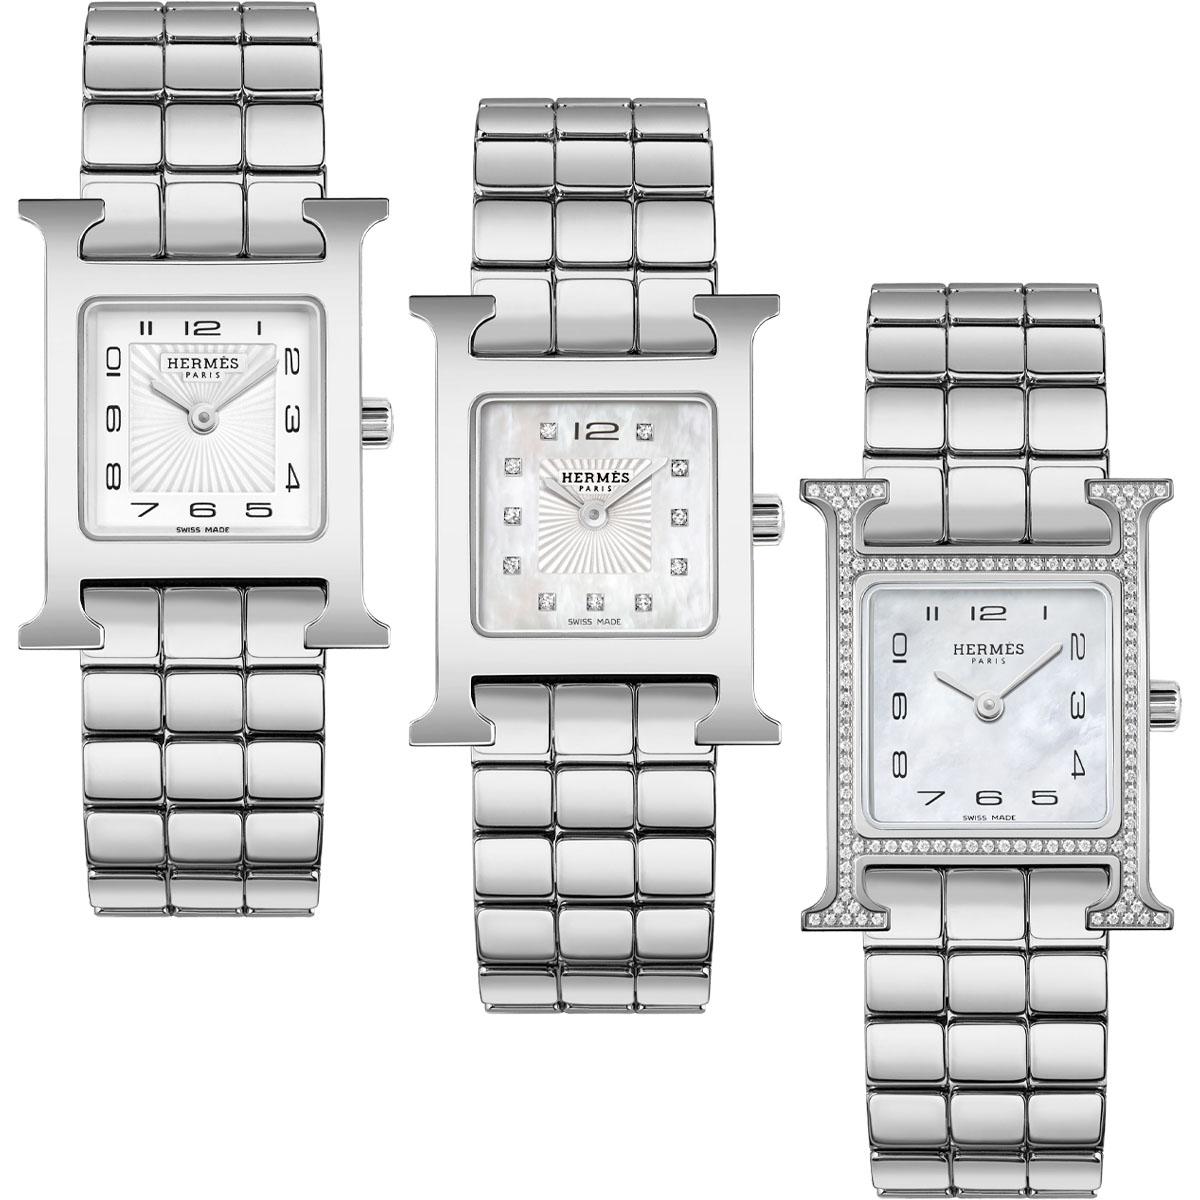 (左から)〈ケースサイズ 21 × 21mm、SS〉¥348,000、〈ケースサイズ 21 × 21mm、マザー・オブ・パール、ダイヤモンド、SS〉¥459,000〈ケースサイズ 21 × 21mm、マザー・オブ・パール、ダイヤモンド、SS〉¥612,000